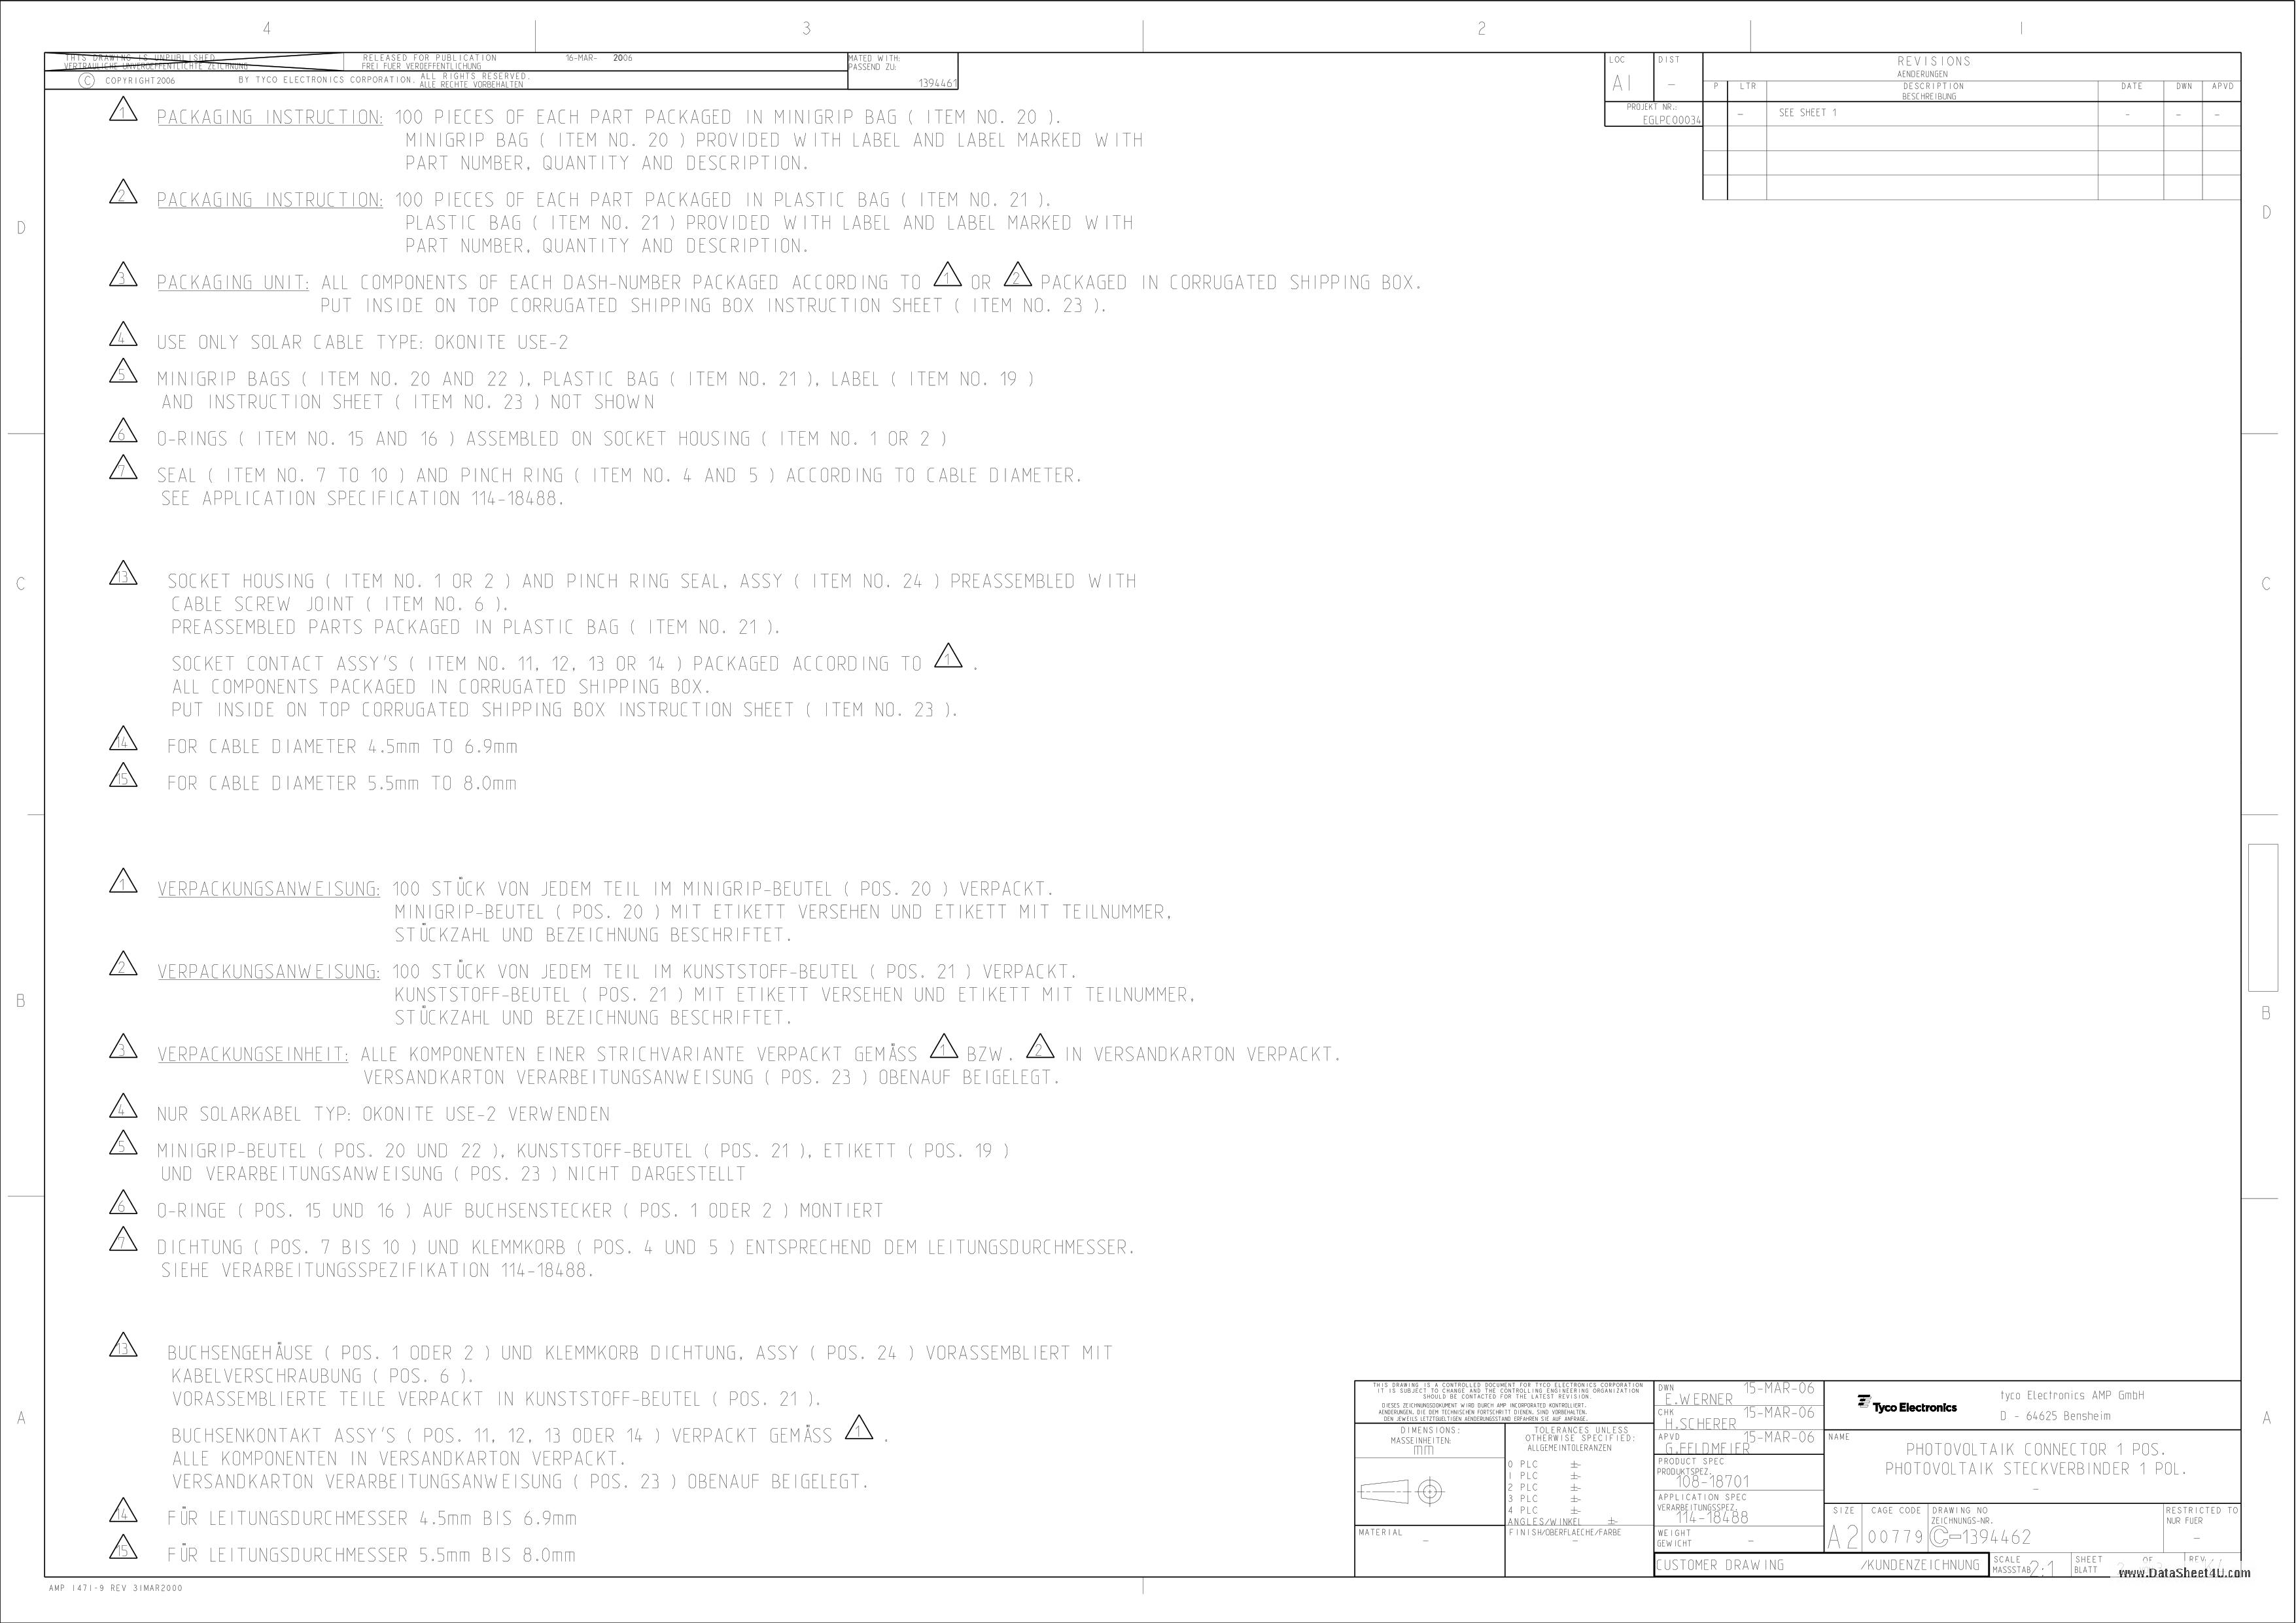 C-1394462 Даташит, Описание, Даташиты